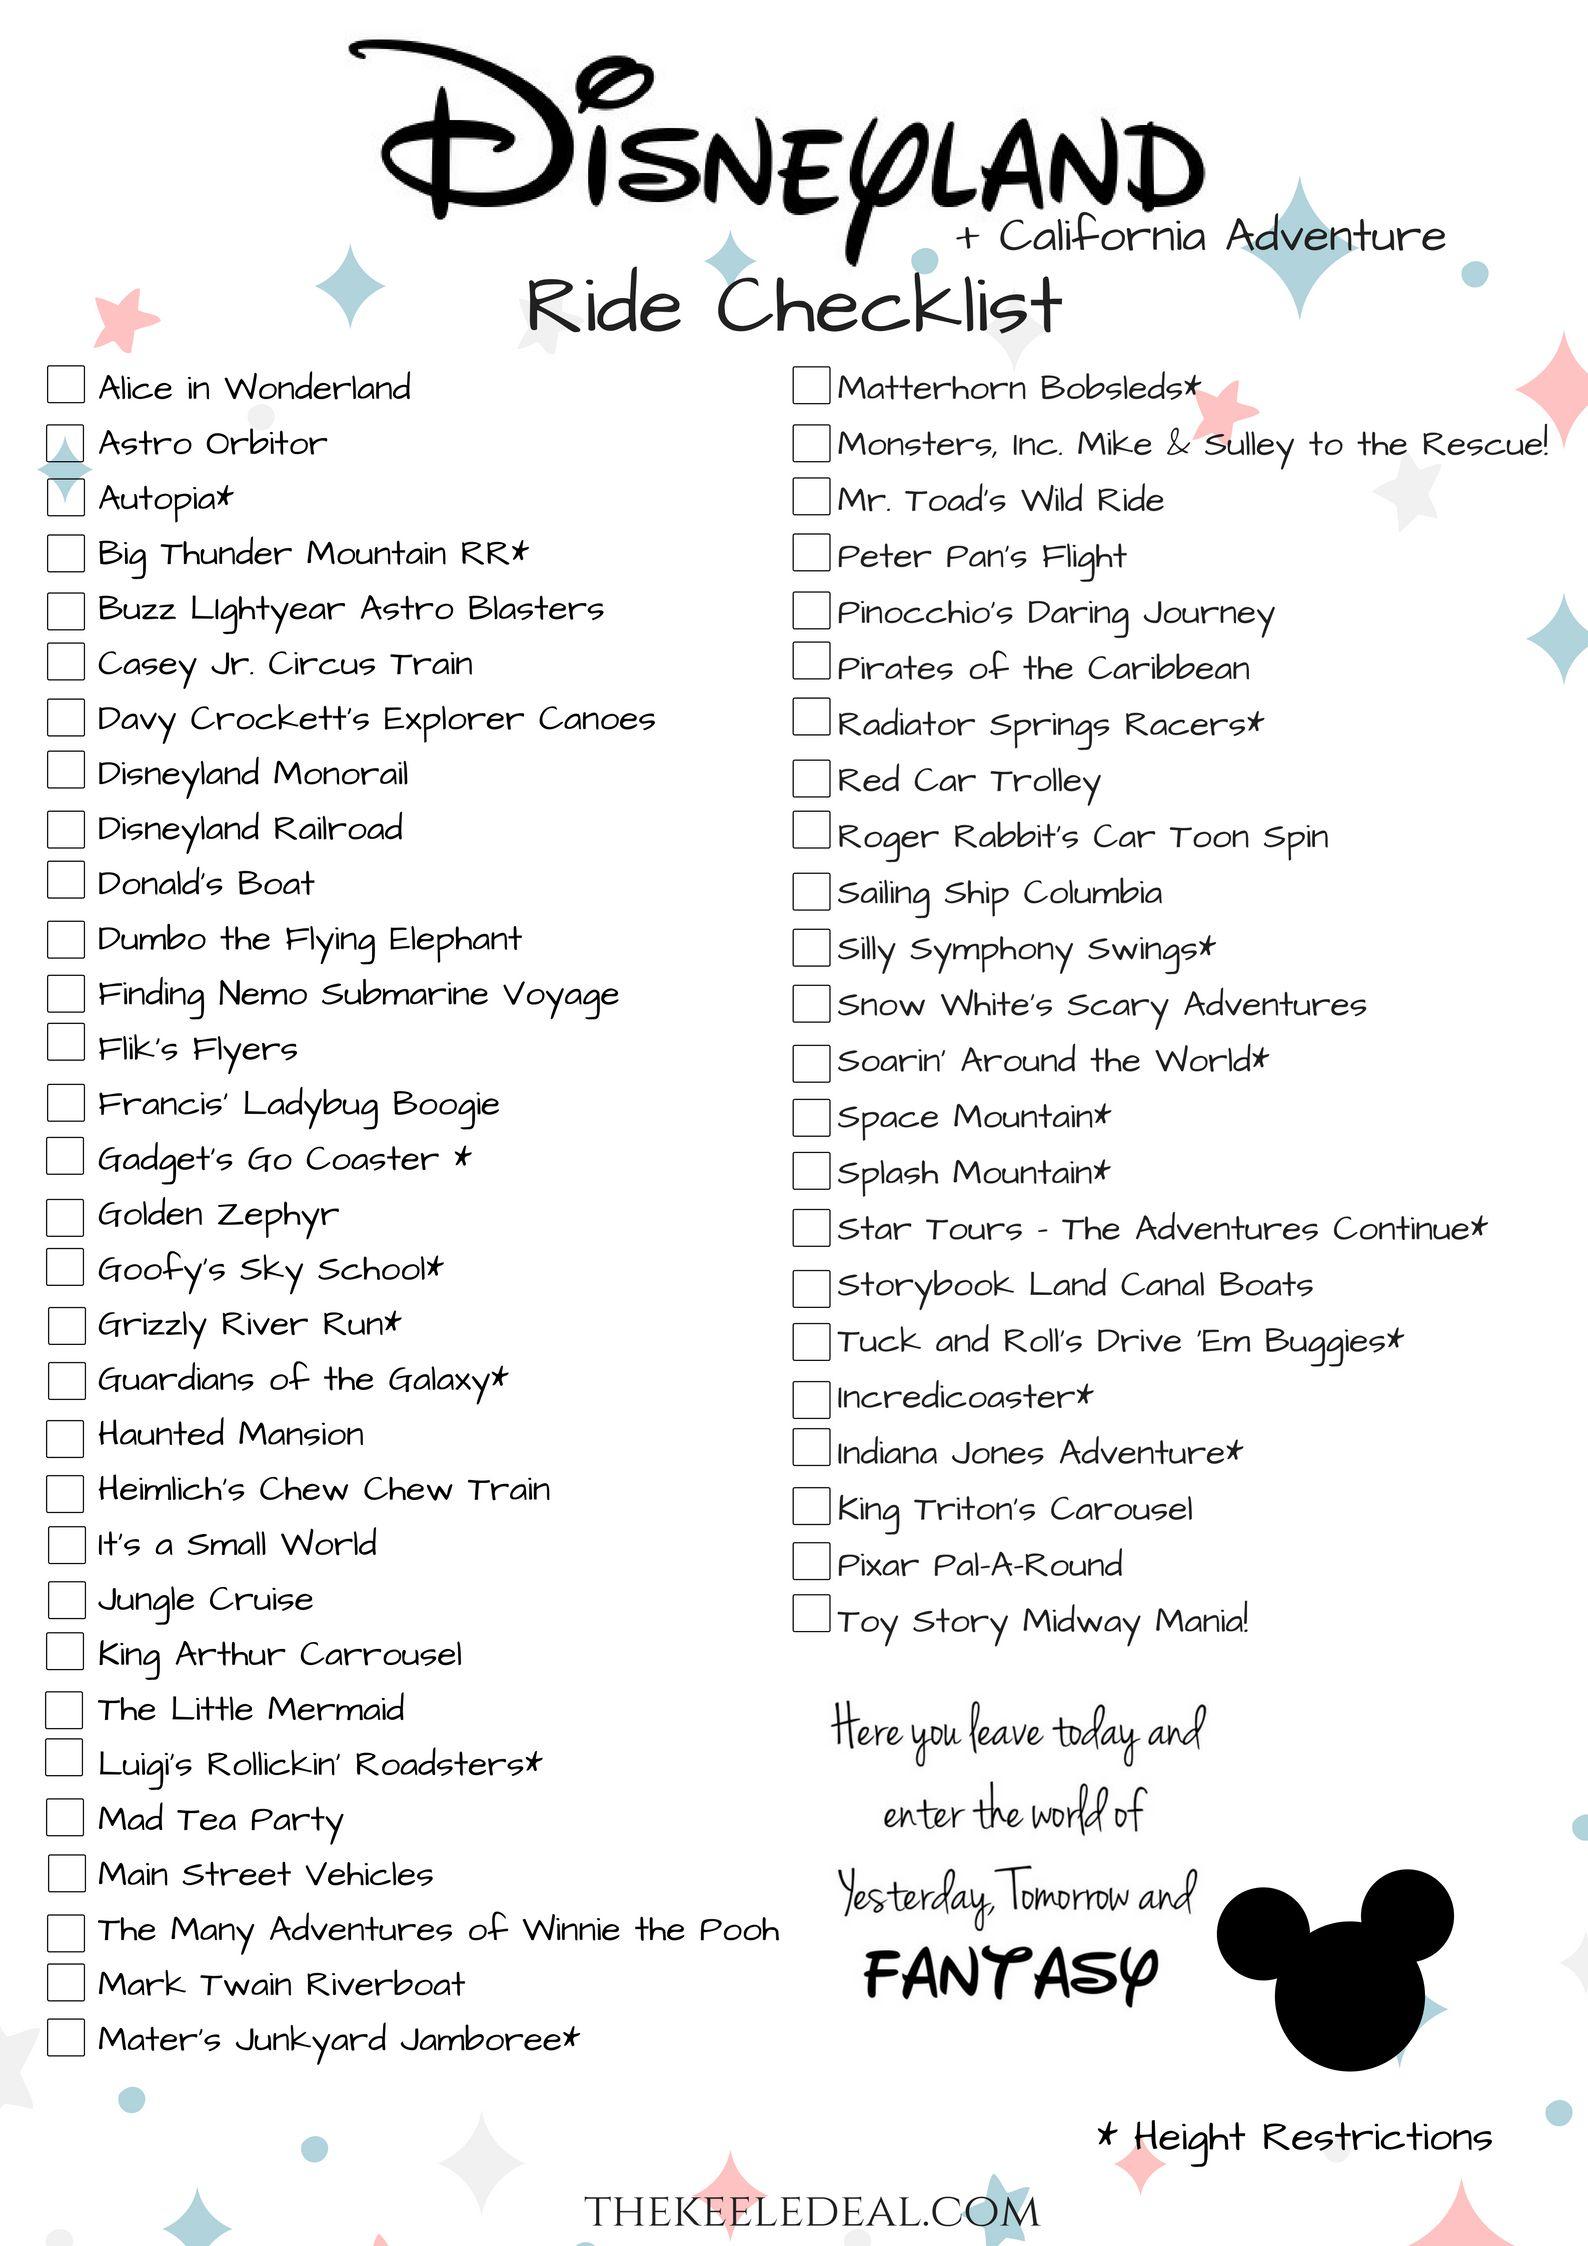 Disneyland Ride Checklist {Free Printable} | Before I Die